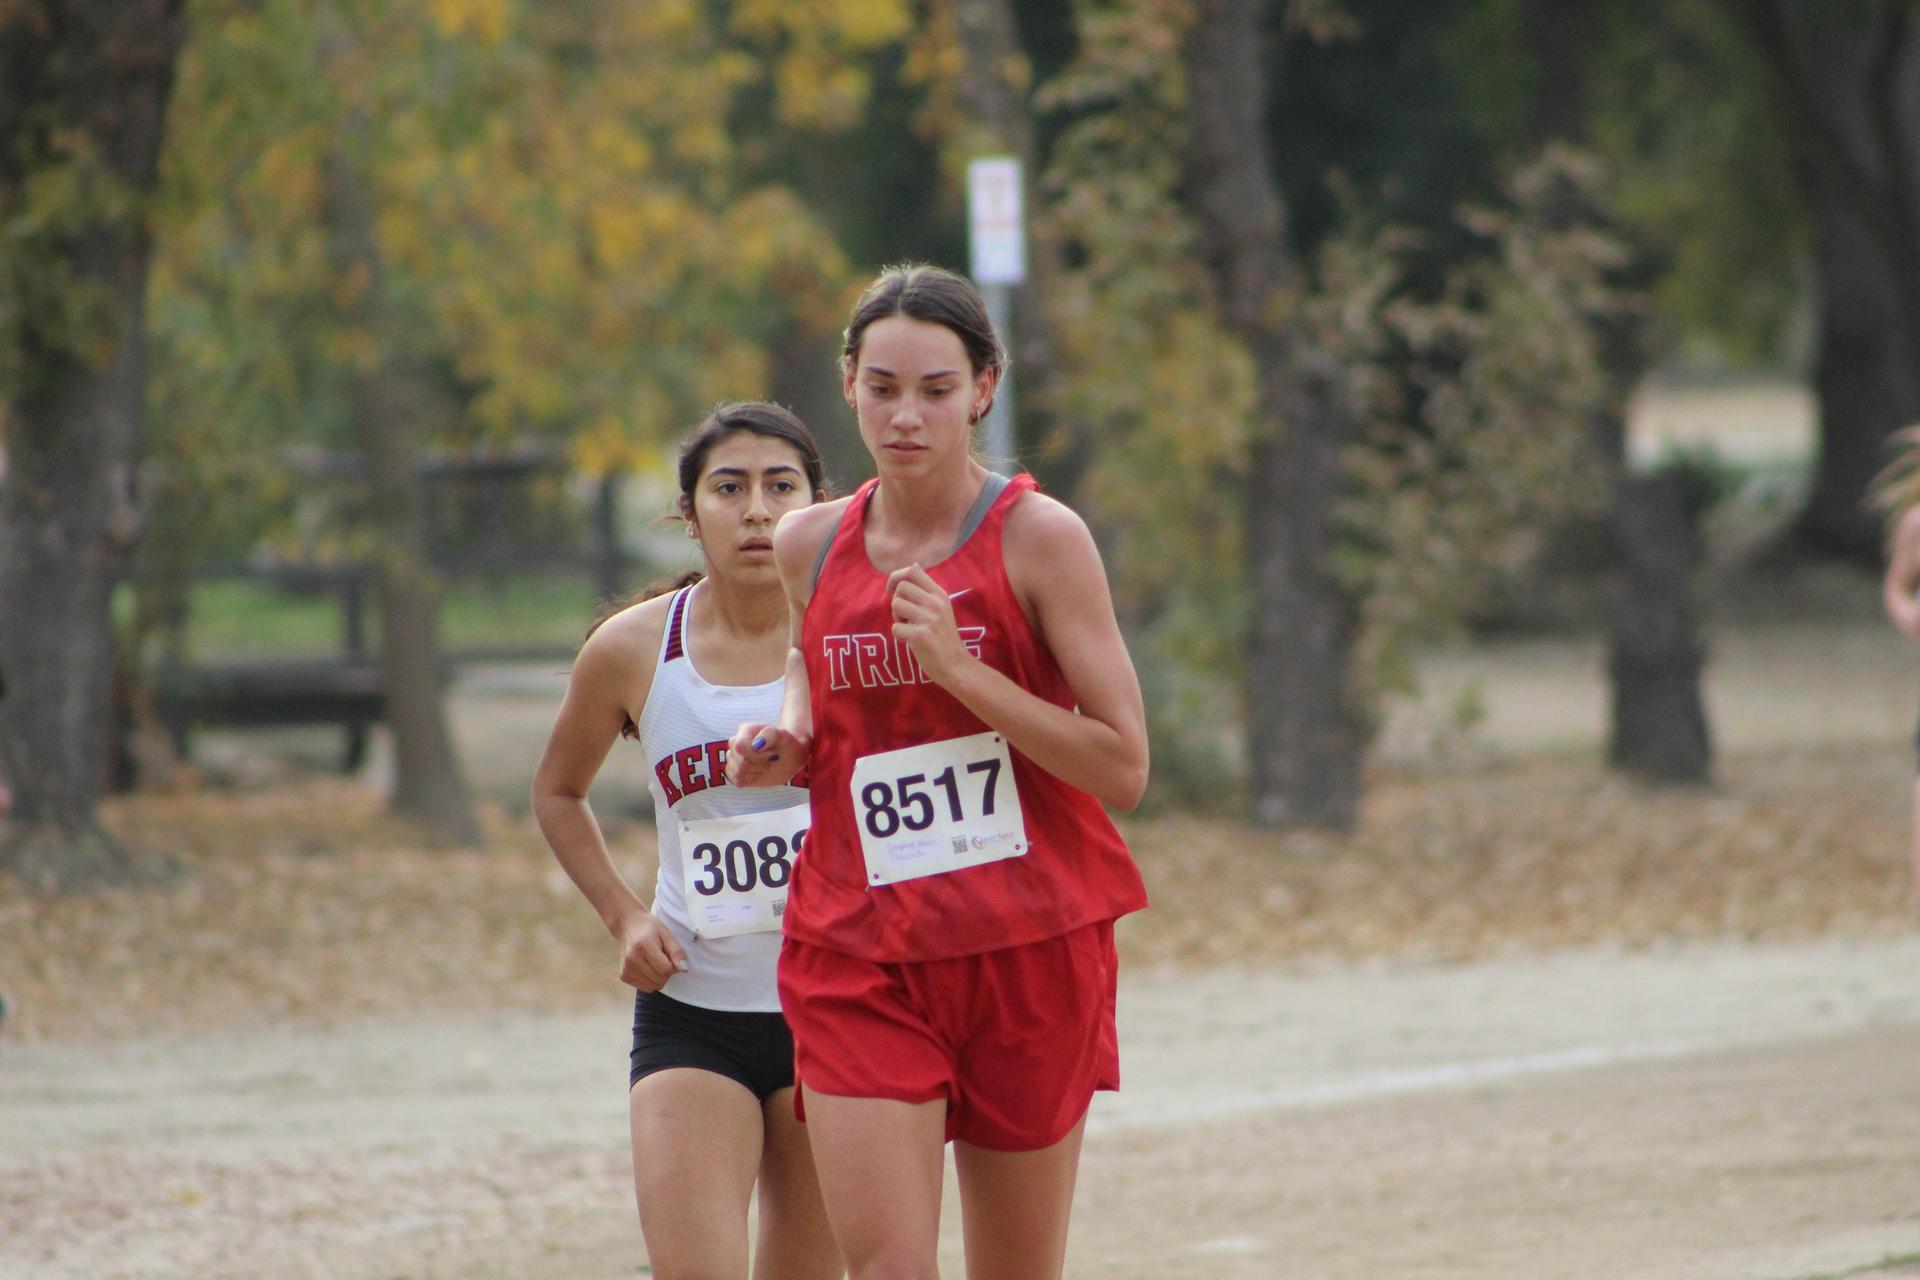 Josephine Moore running